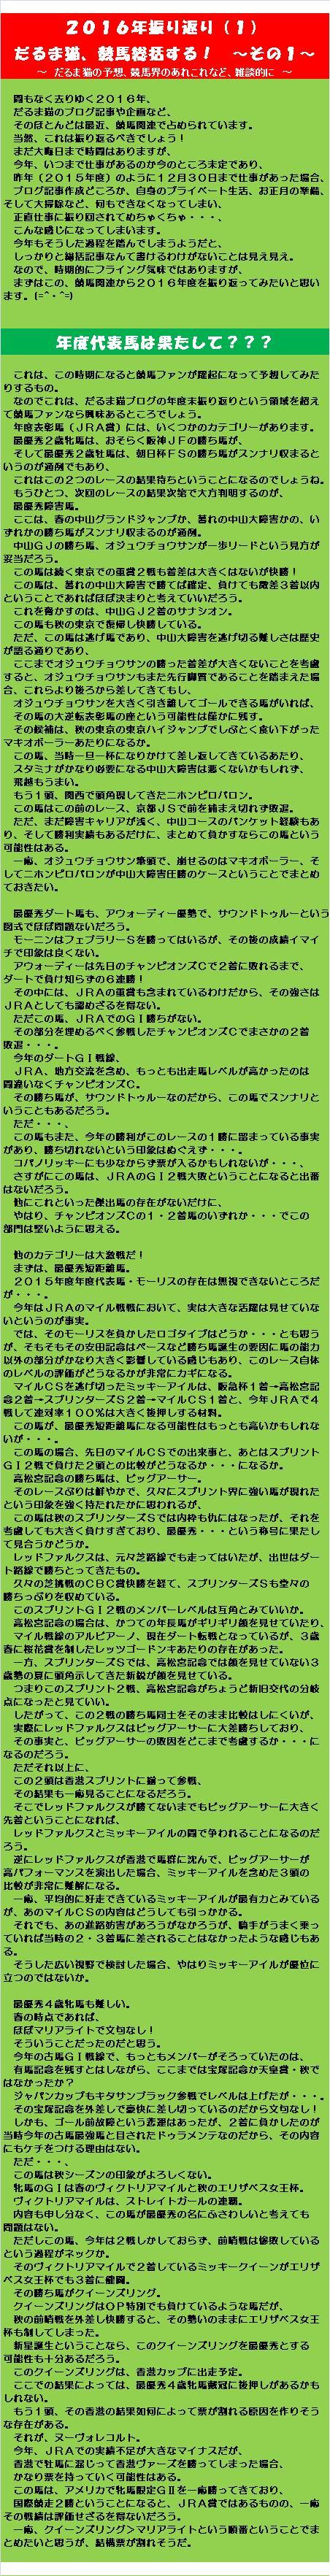 20161207・2016年振り返し(1)~その1~①.jpg